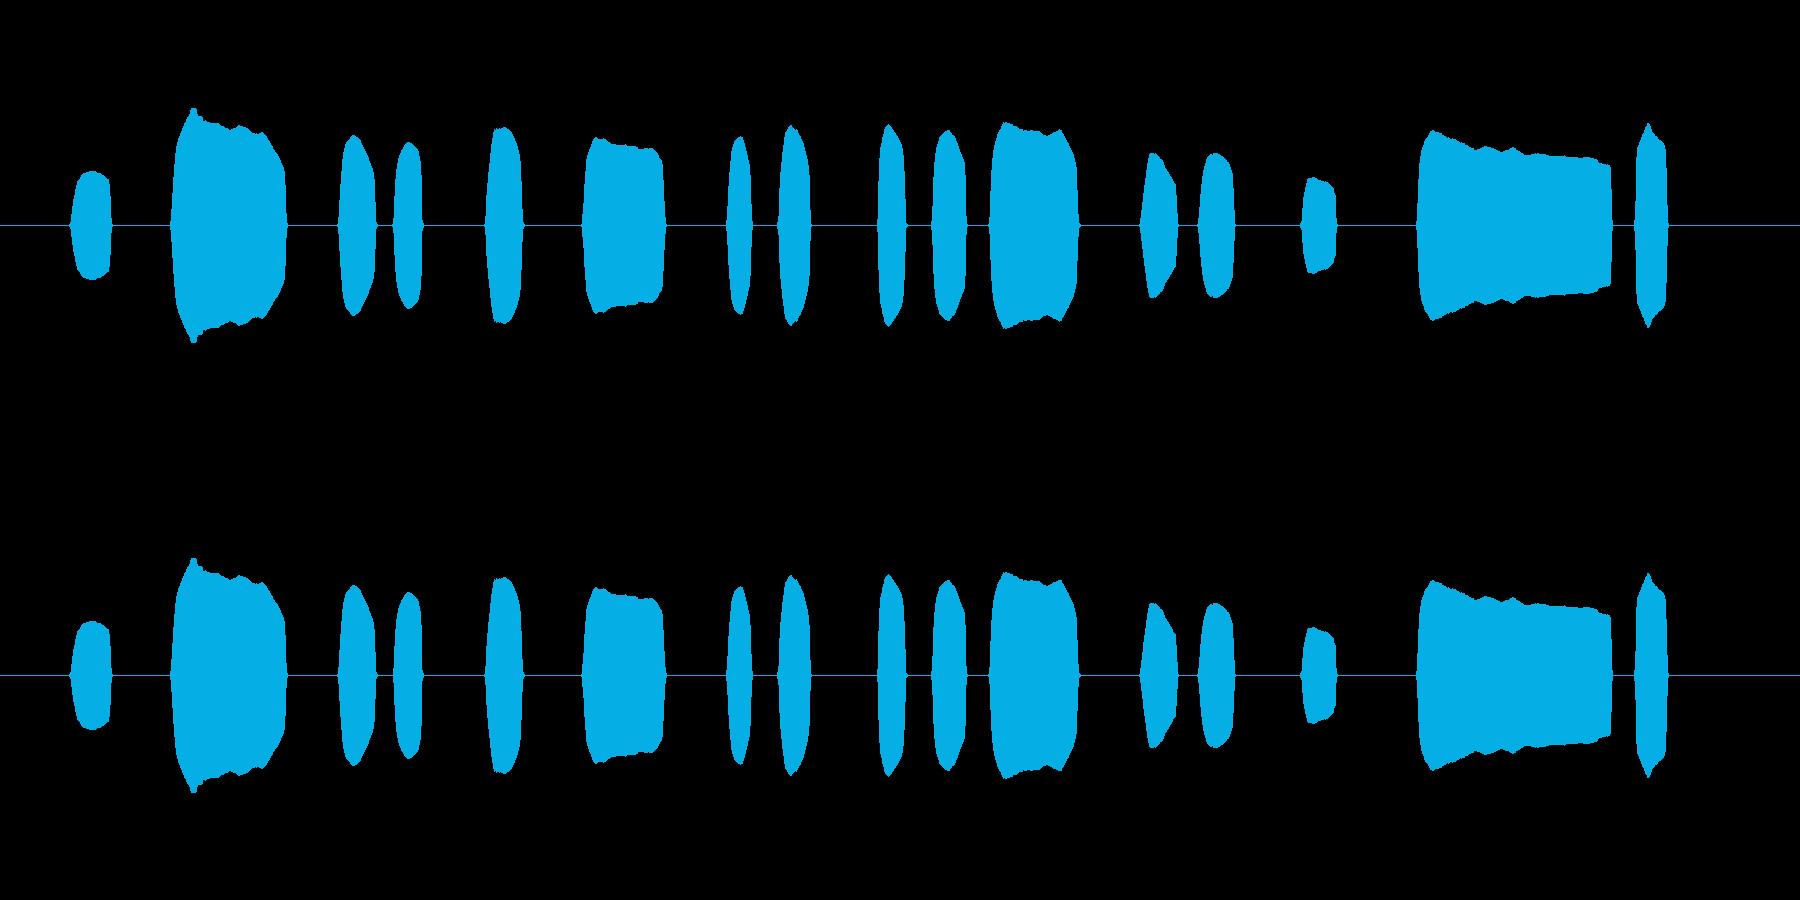 「蛍の光」の一節を下手に吹いたリコーダーの再生済みの波形